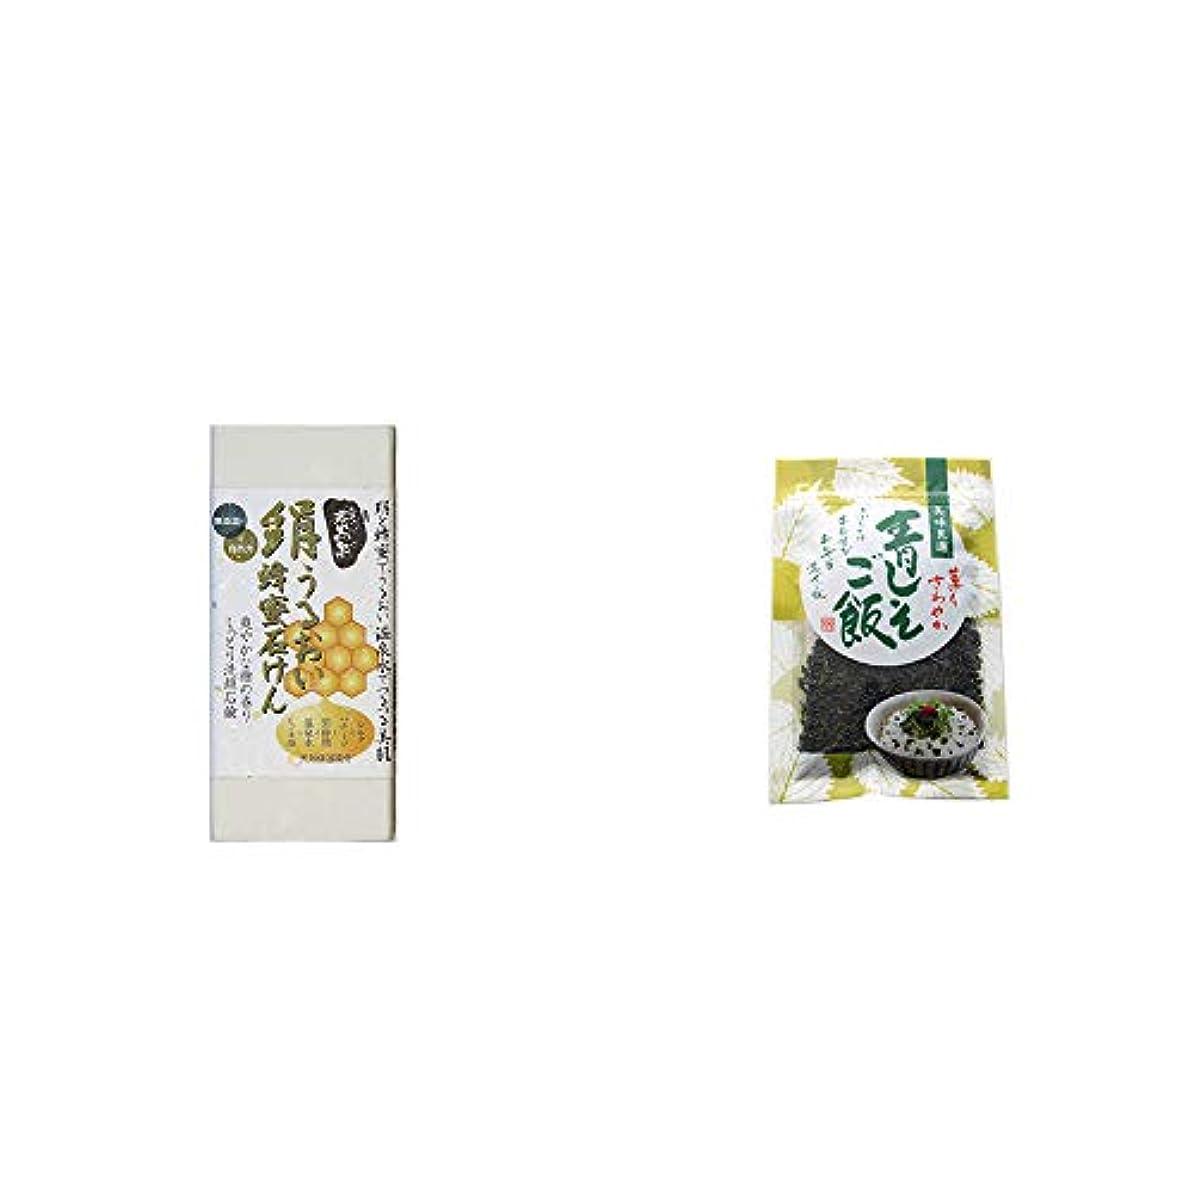 取り付け富豪驚くばかり[2点セット] ひのき炭黒泉 絹うるおい蜂蜜石けん(75g×2)?薫りさわやか 青しそご飯(80g)